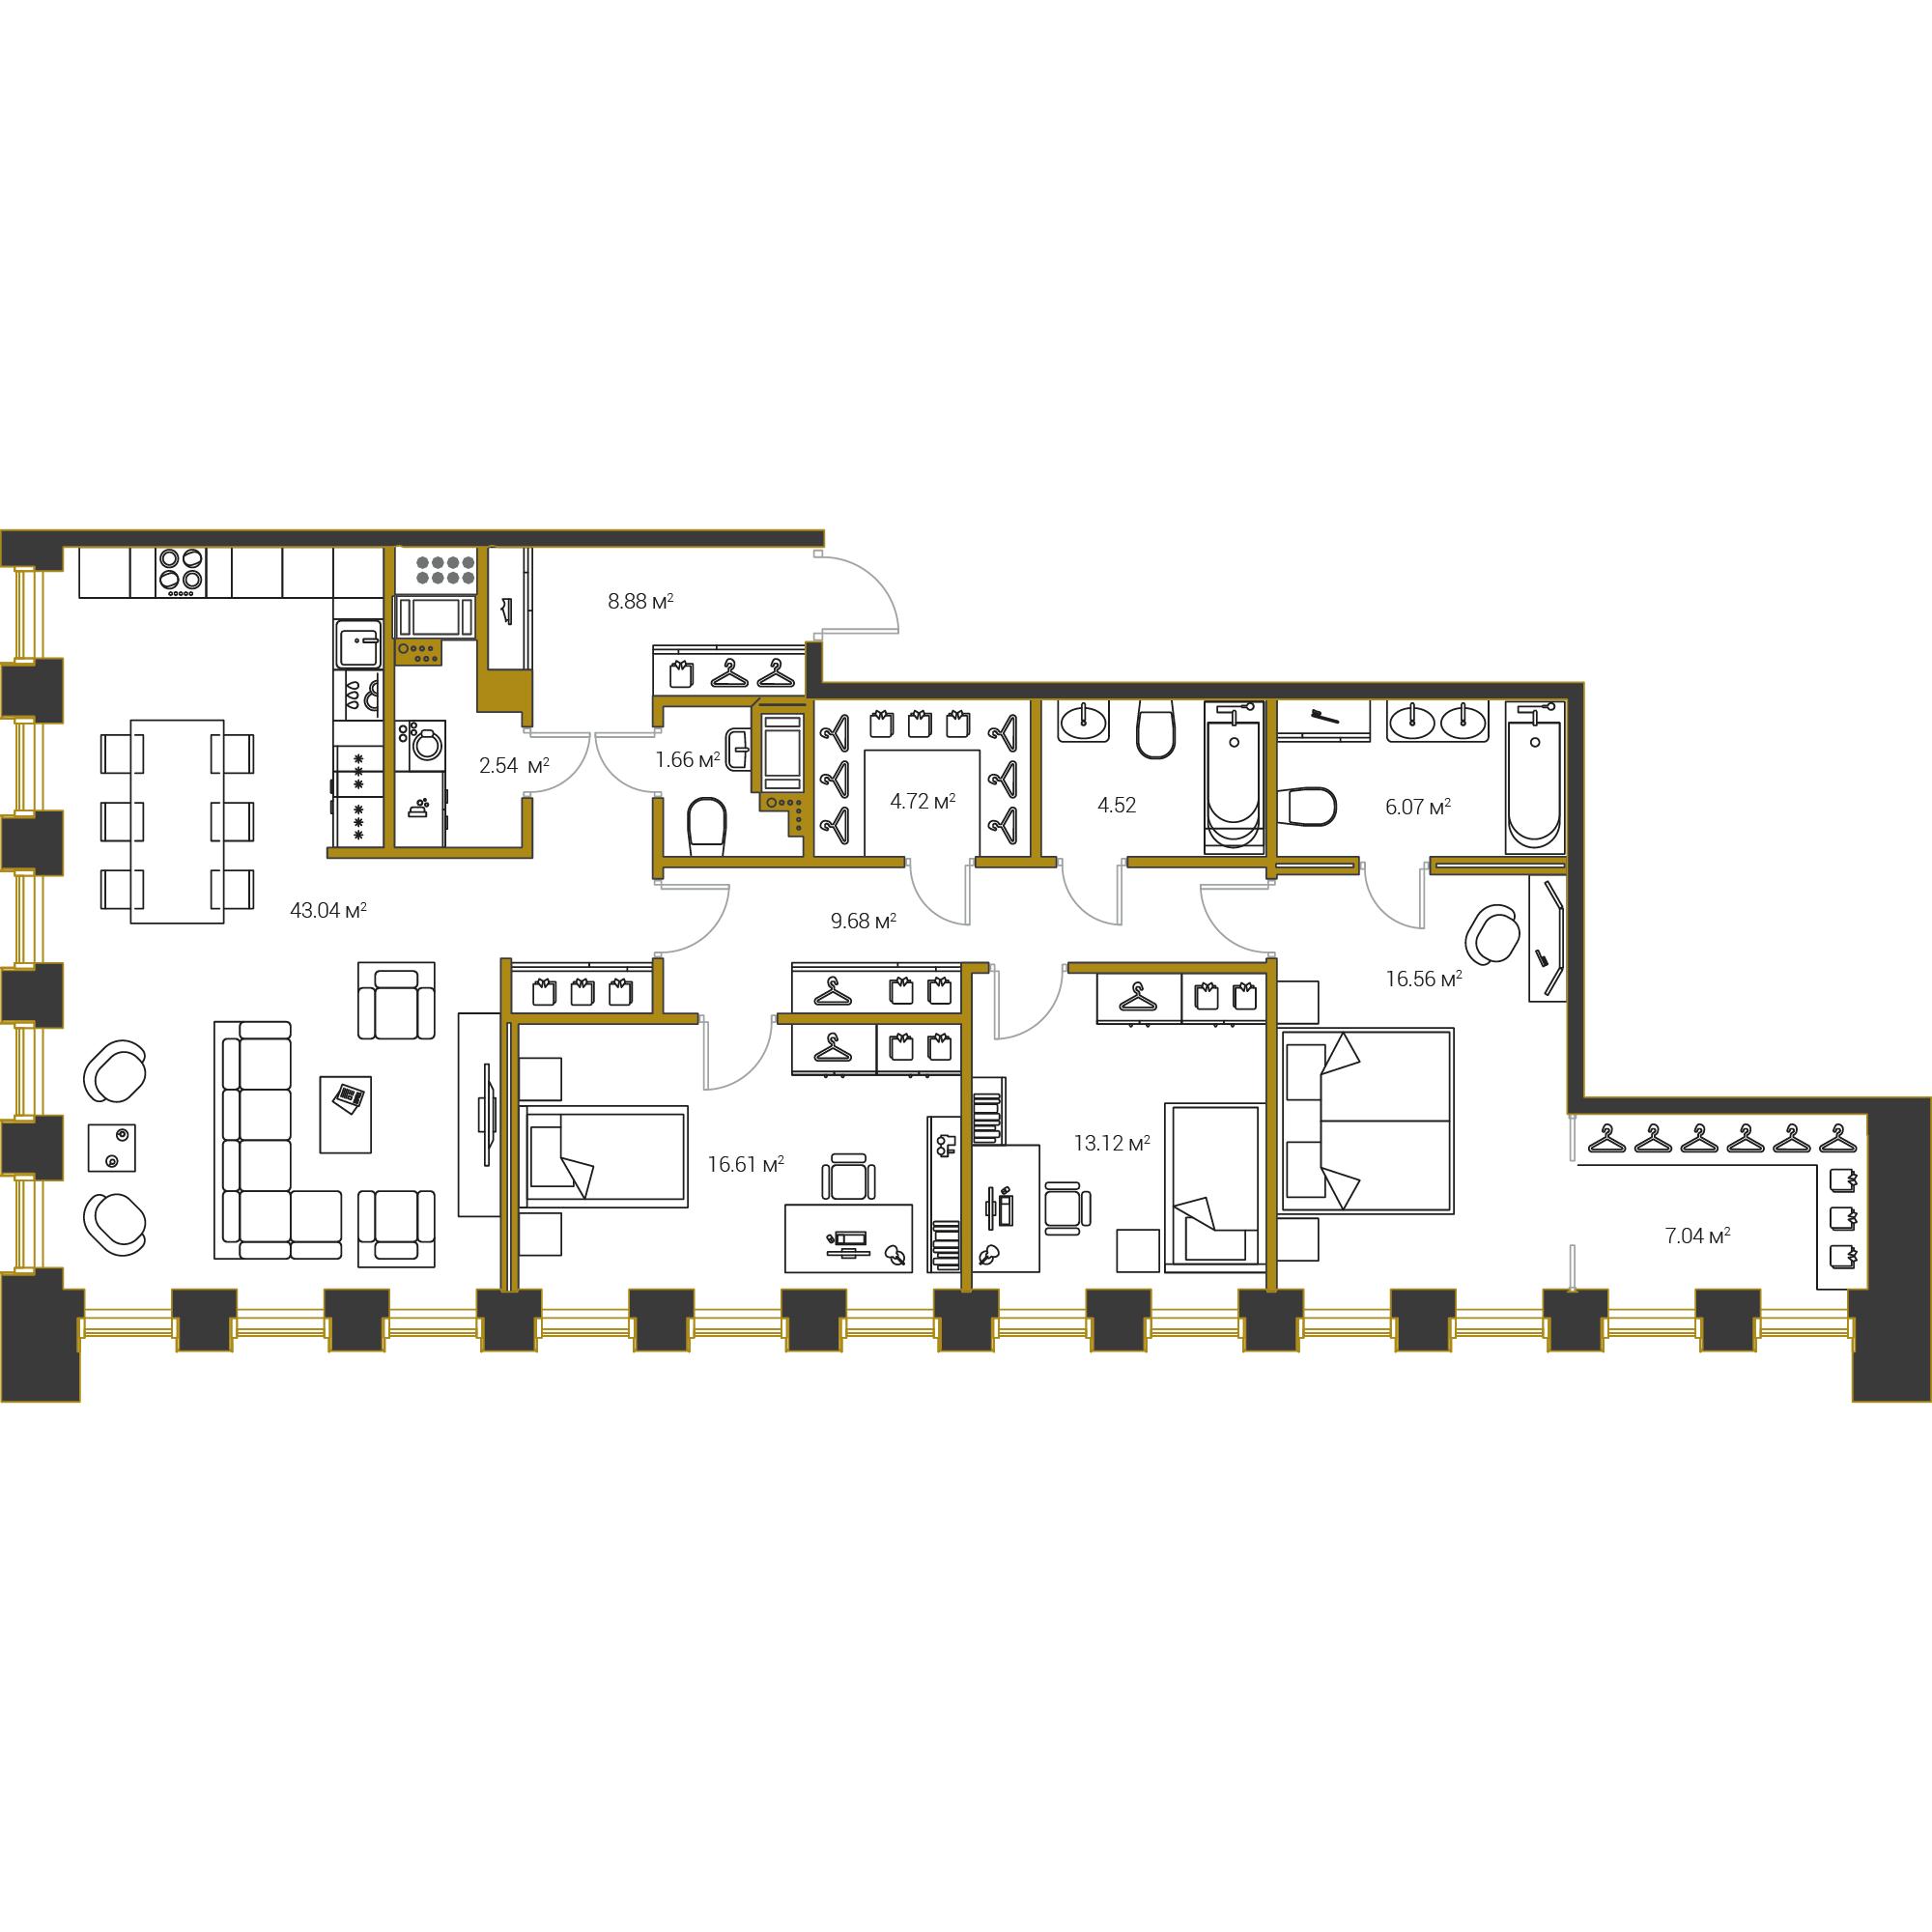 3-комнатная квартира №16 в: Институтский,16: 134.44 м²; этаж: 10 - купить в Санкт-Петербурге